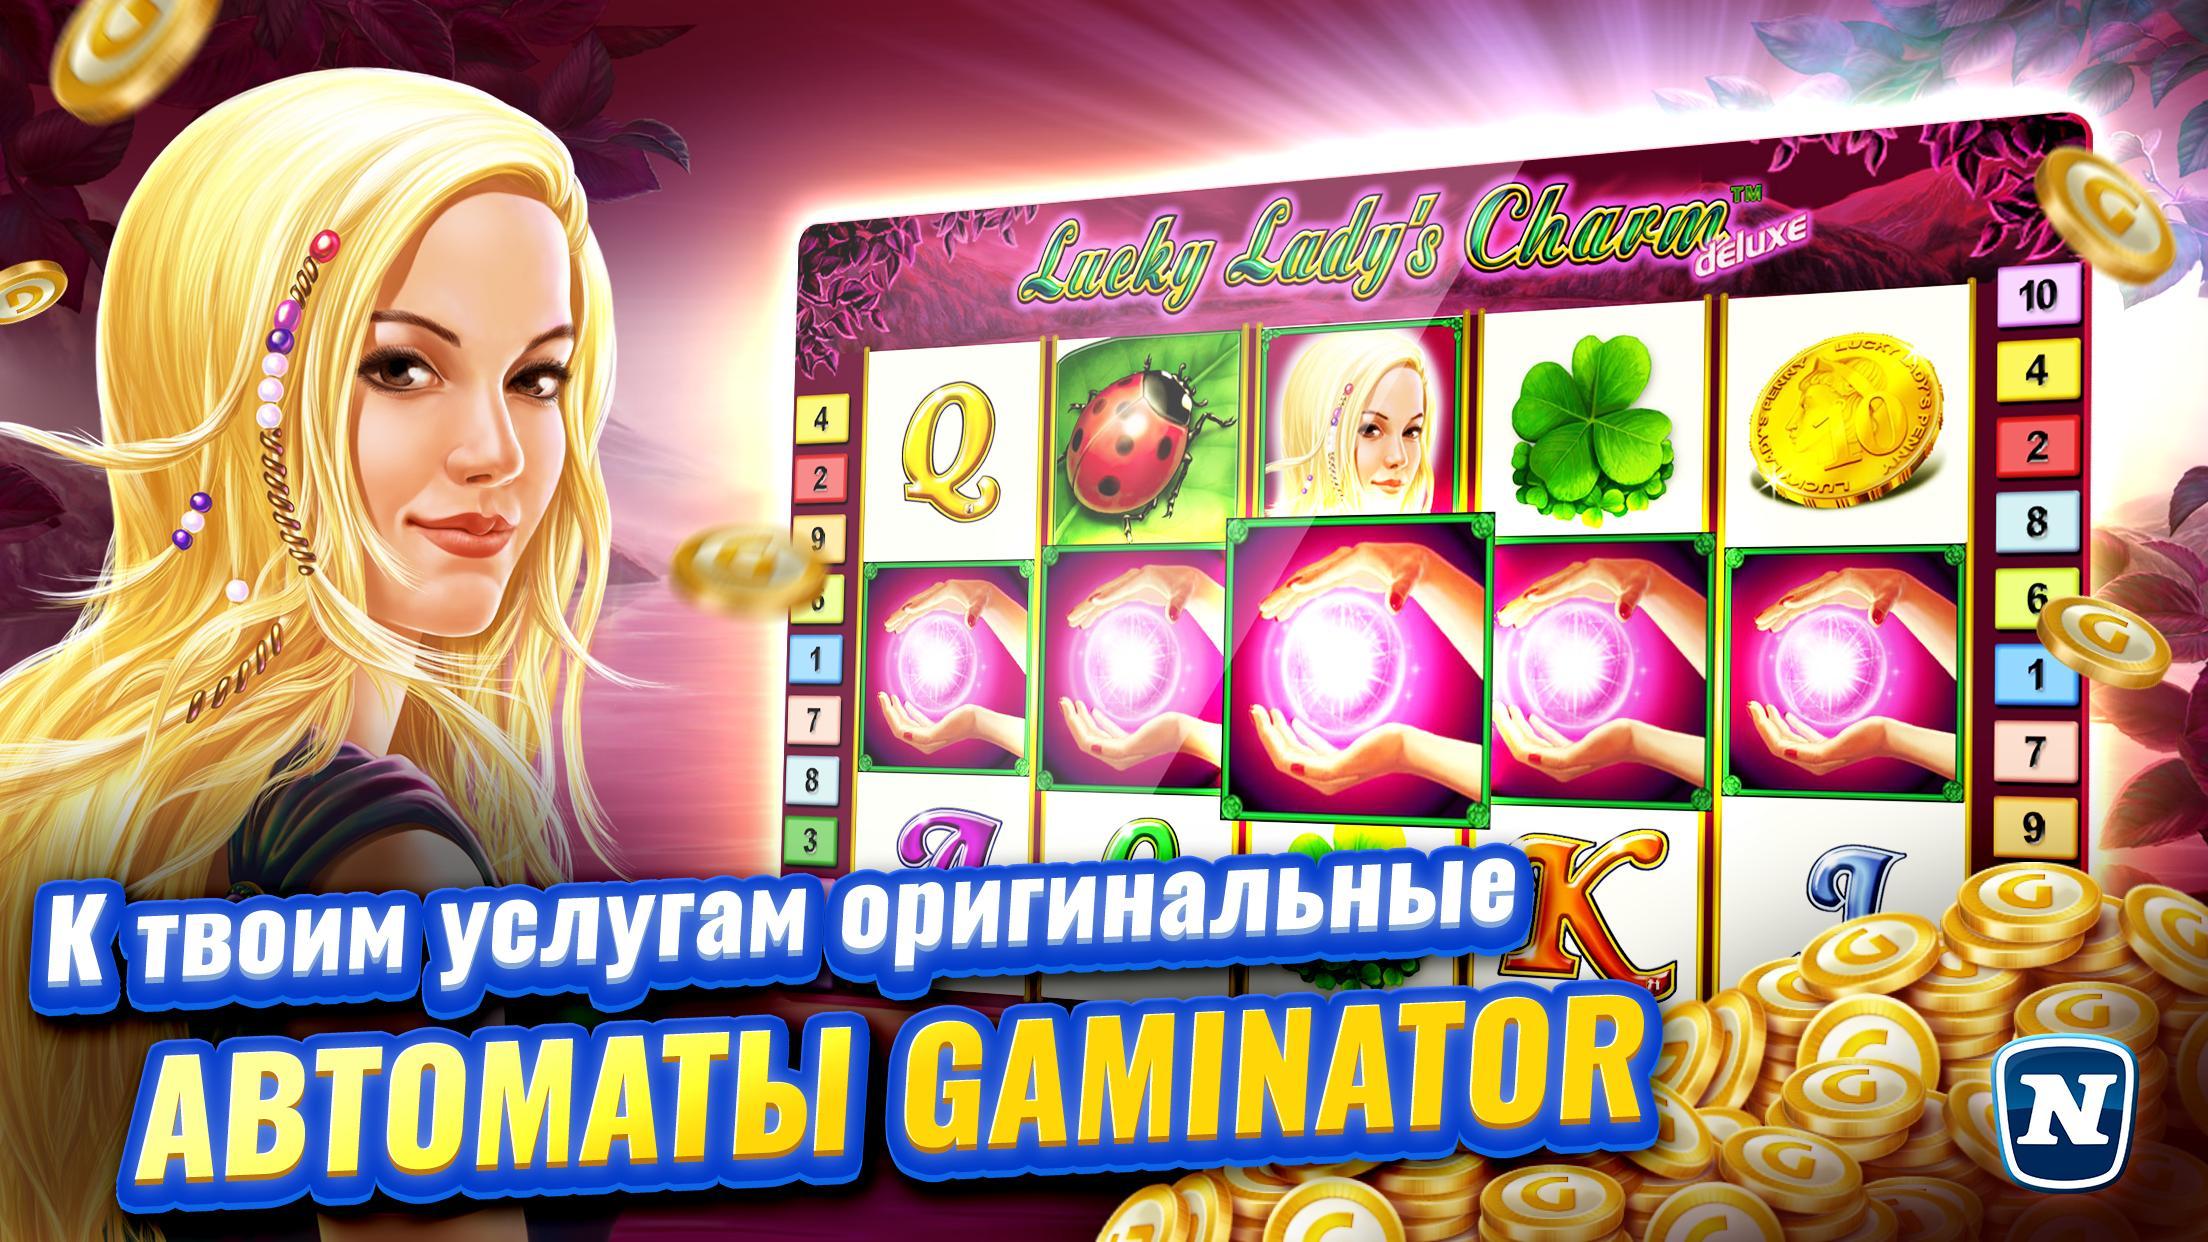 Игровые автоматы скачать бесплатно gaminator шулеры в казино смотреть онлайн